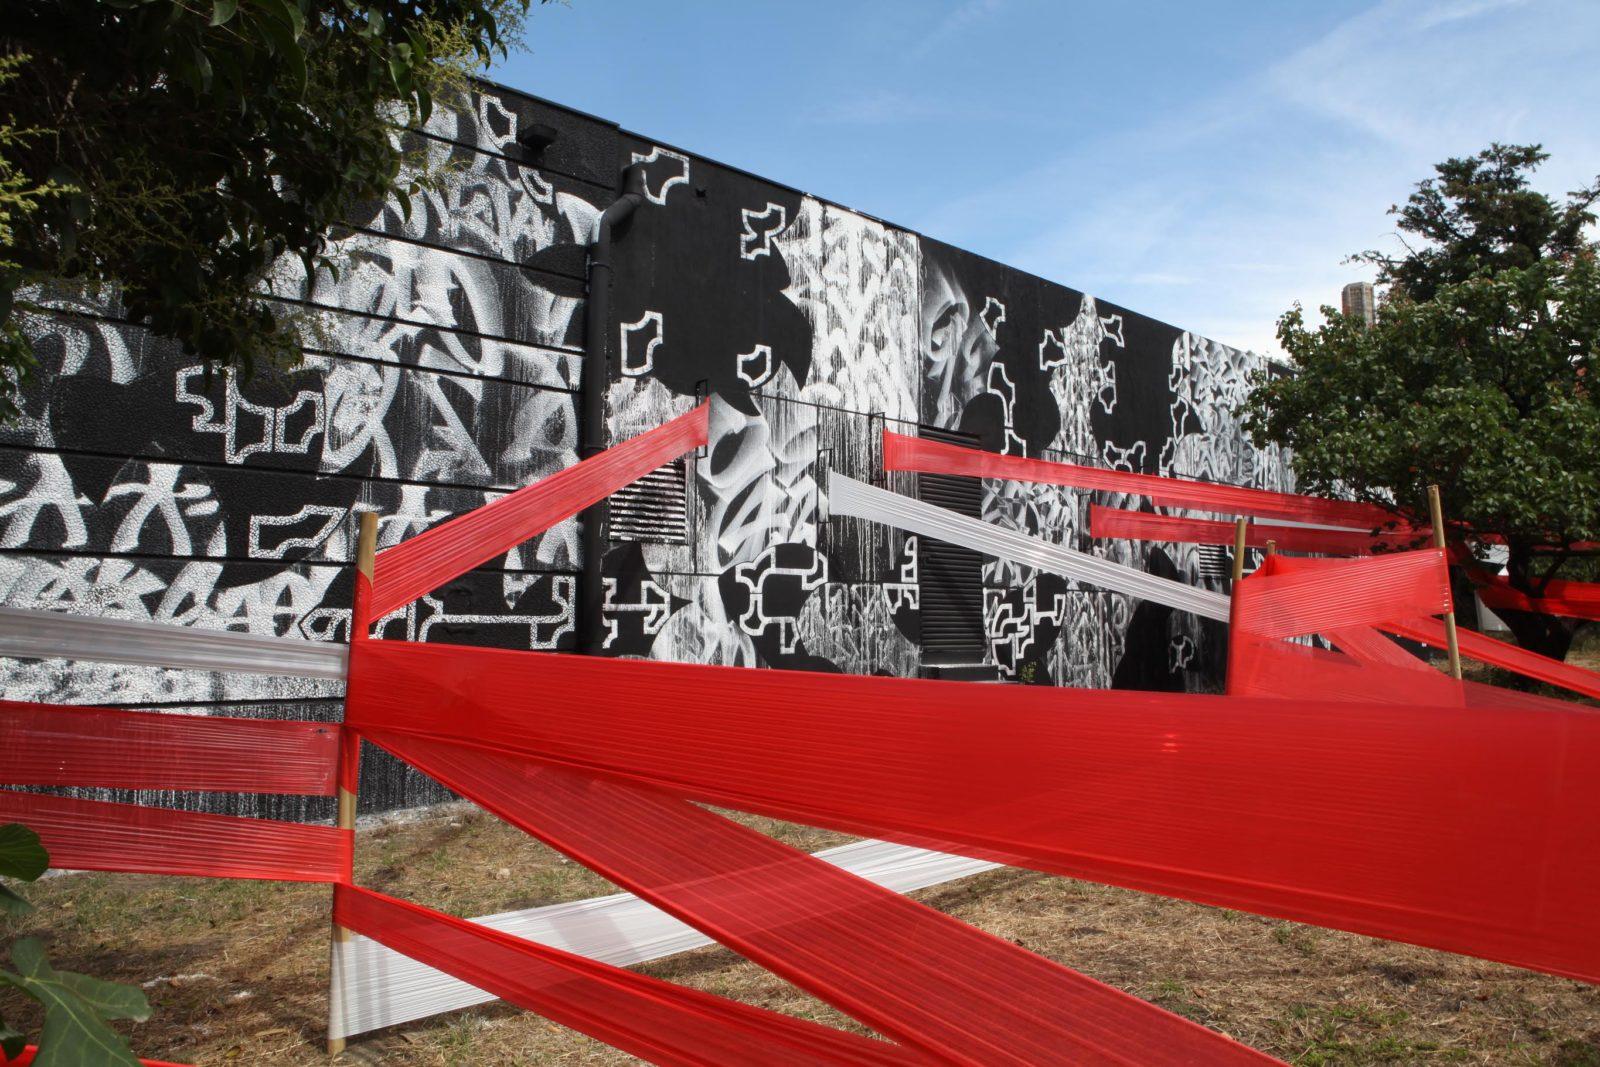 """street art marseille exposition emancipation couvent LEKSOWAT FrancescaBerselli 1 - """"Emancipation"""" : À Marseille, l'art urbain s'expose dans un ancien couvent"""